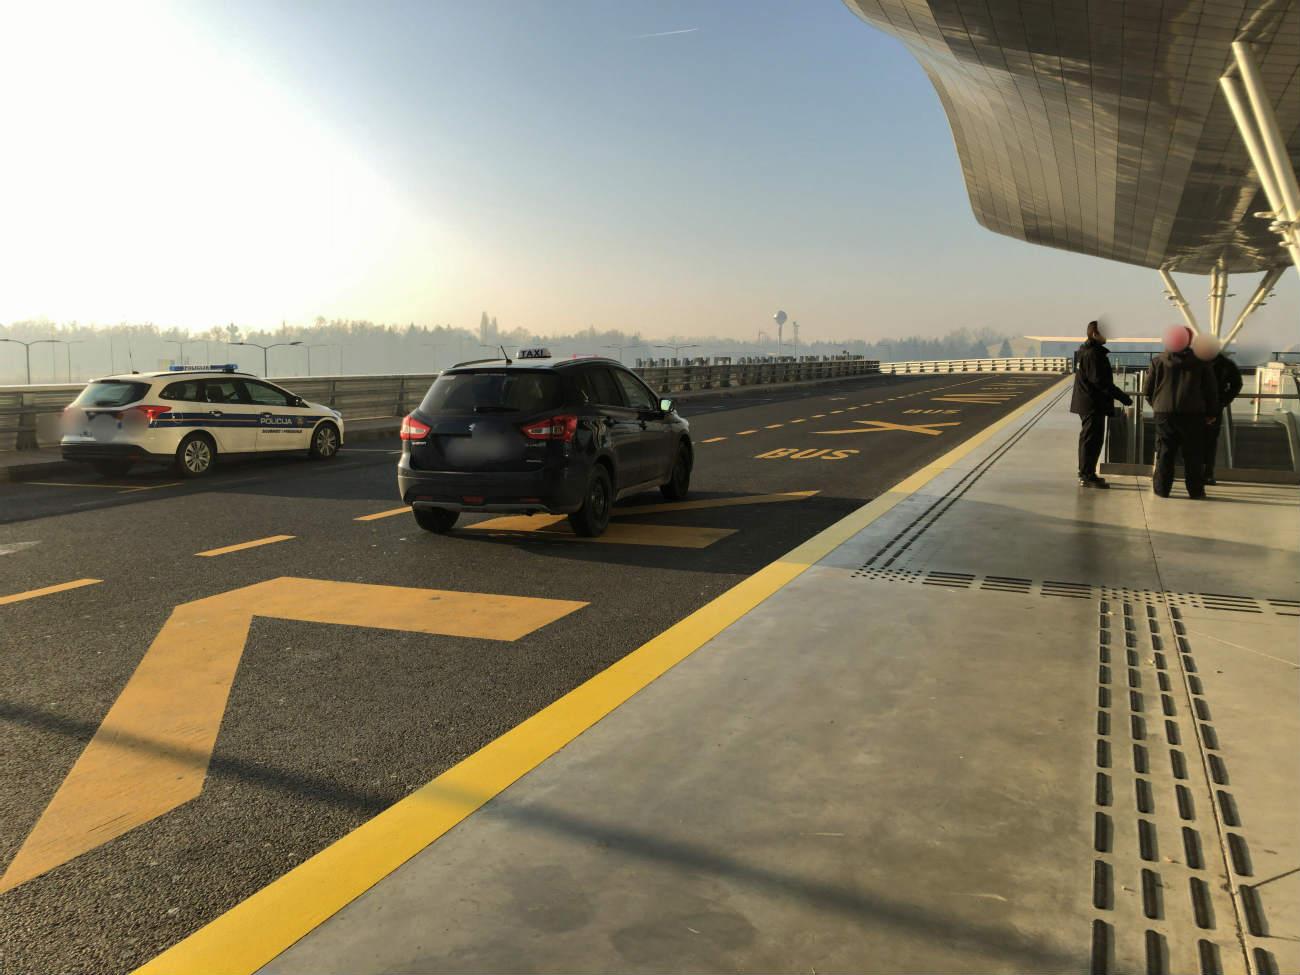 ザグレブ空港の出発フロア入り口を運転中のUber